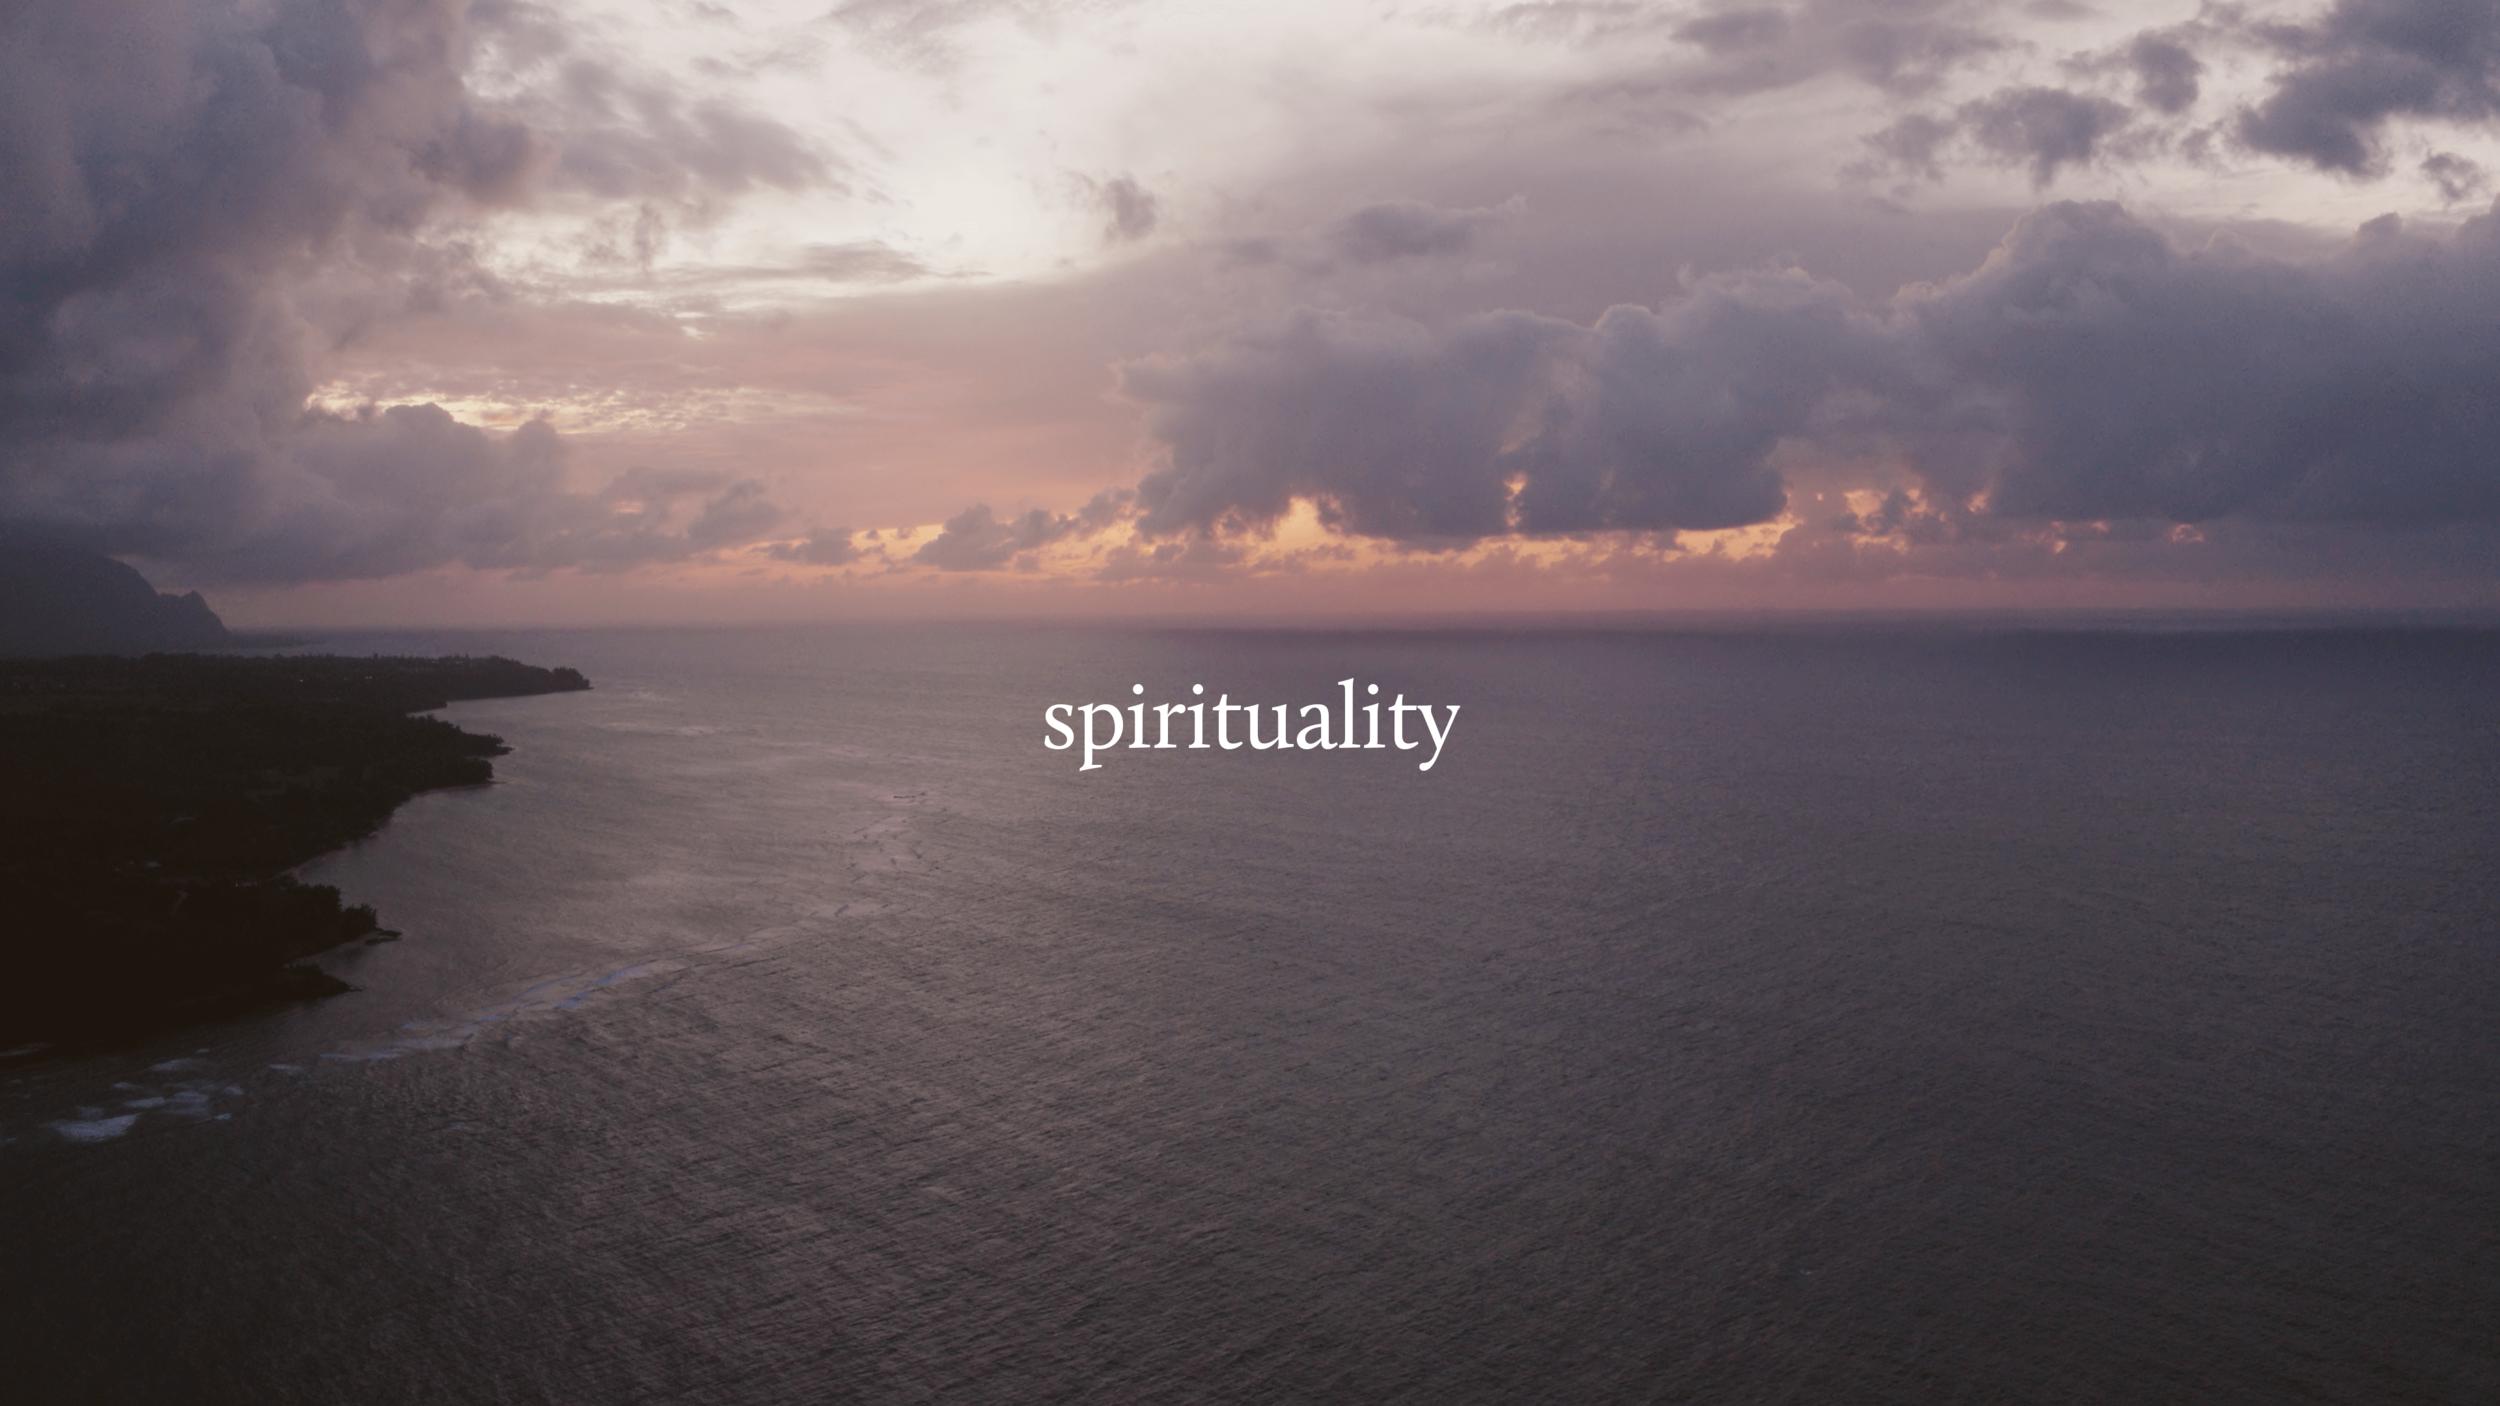 9-Spirituality.png